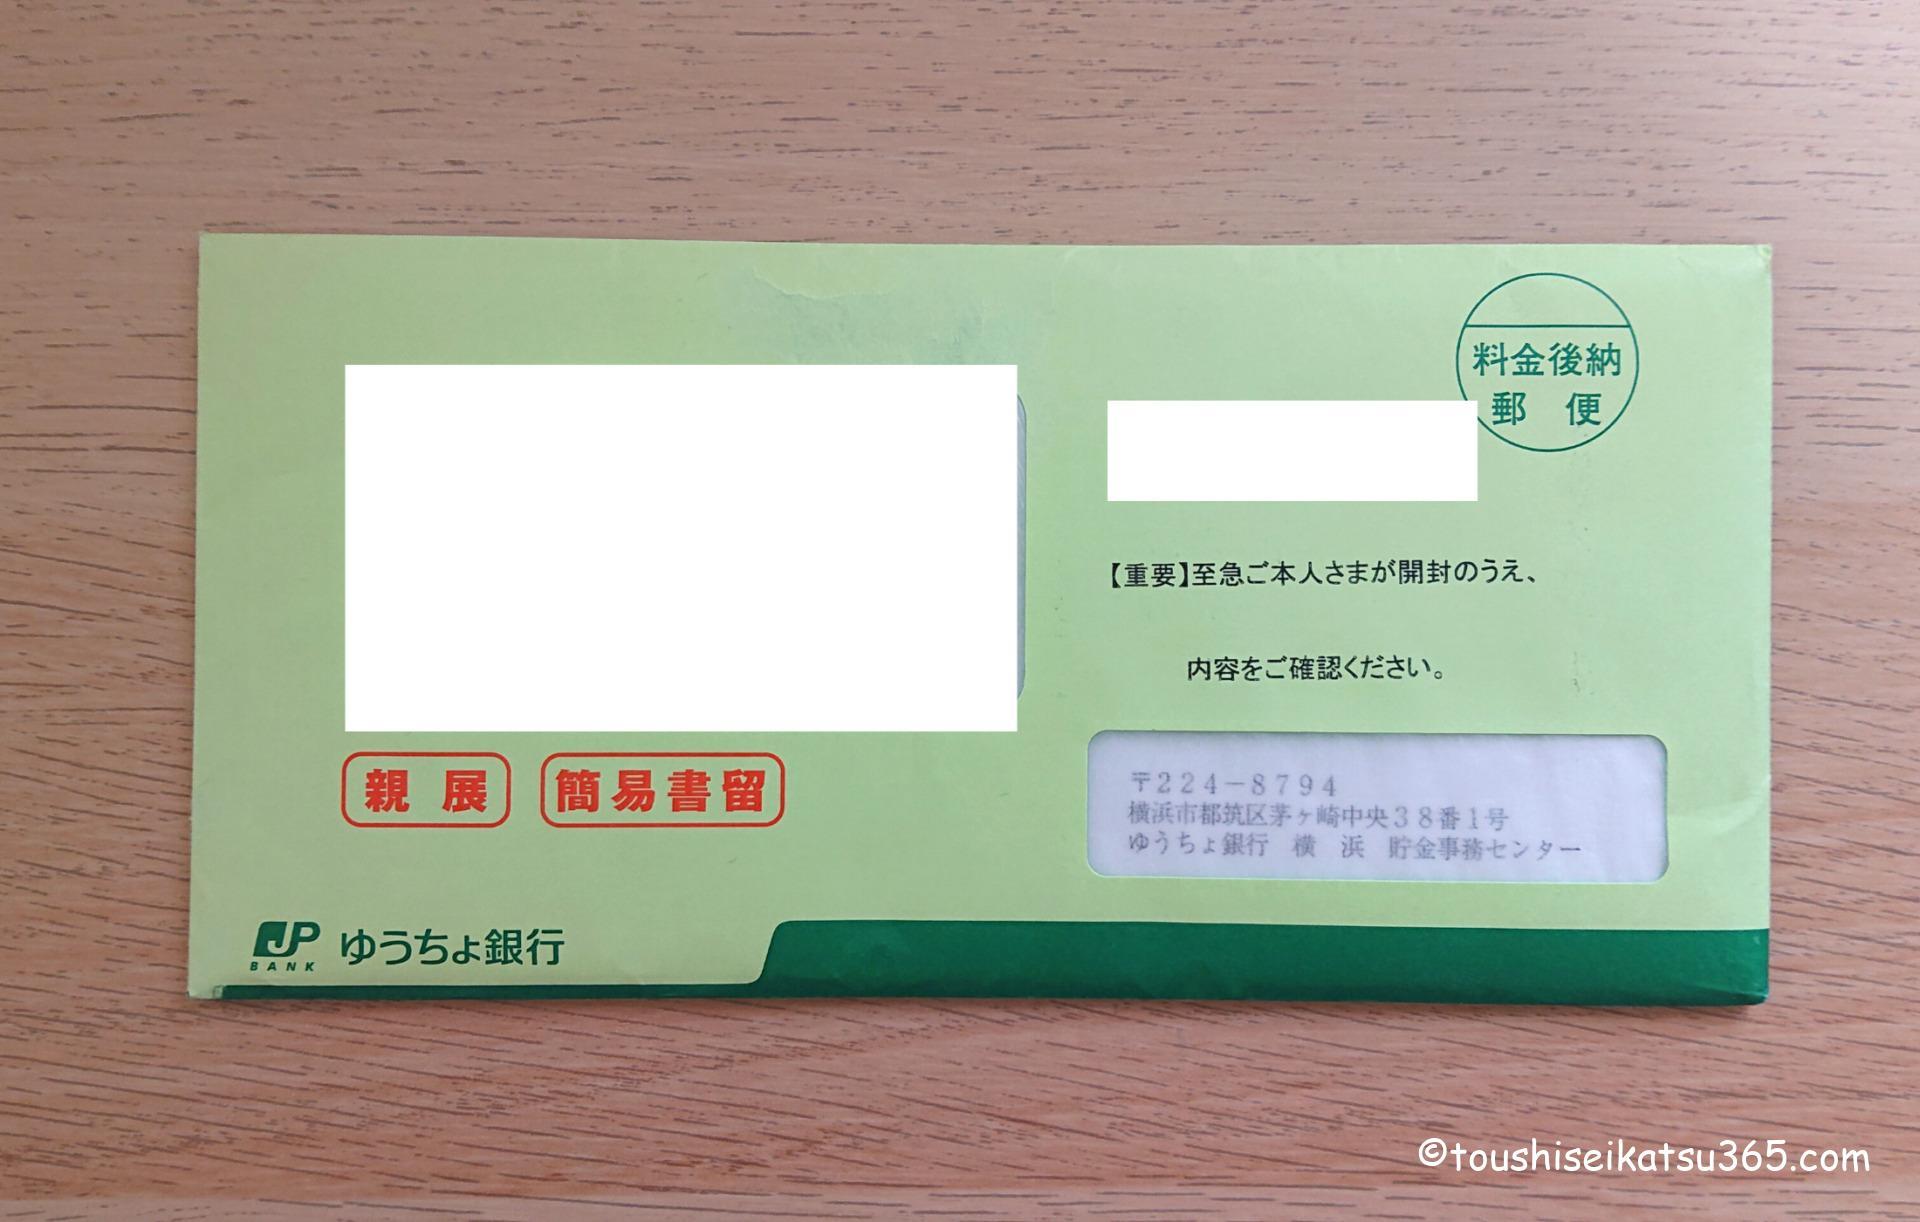 ゆうちょダイレクト利用者カード到着